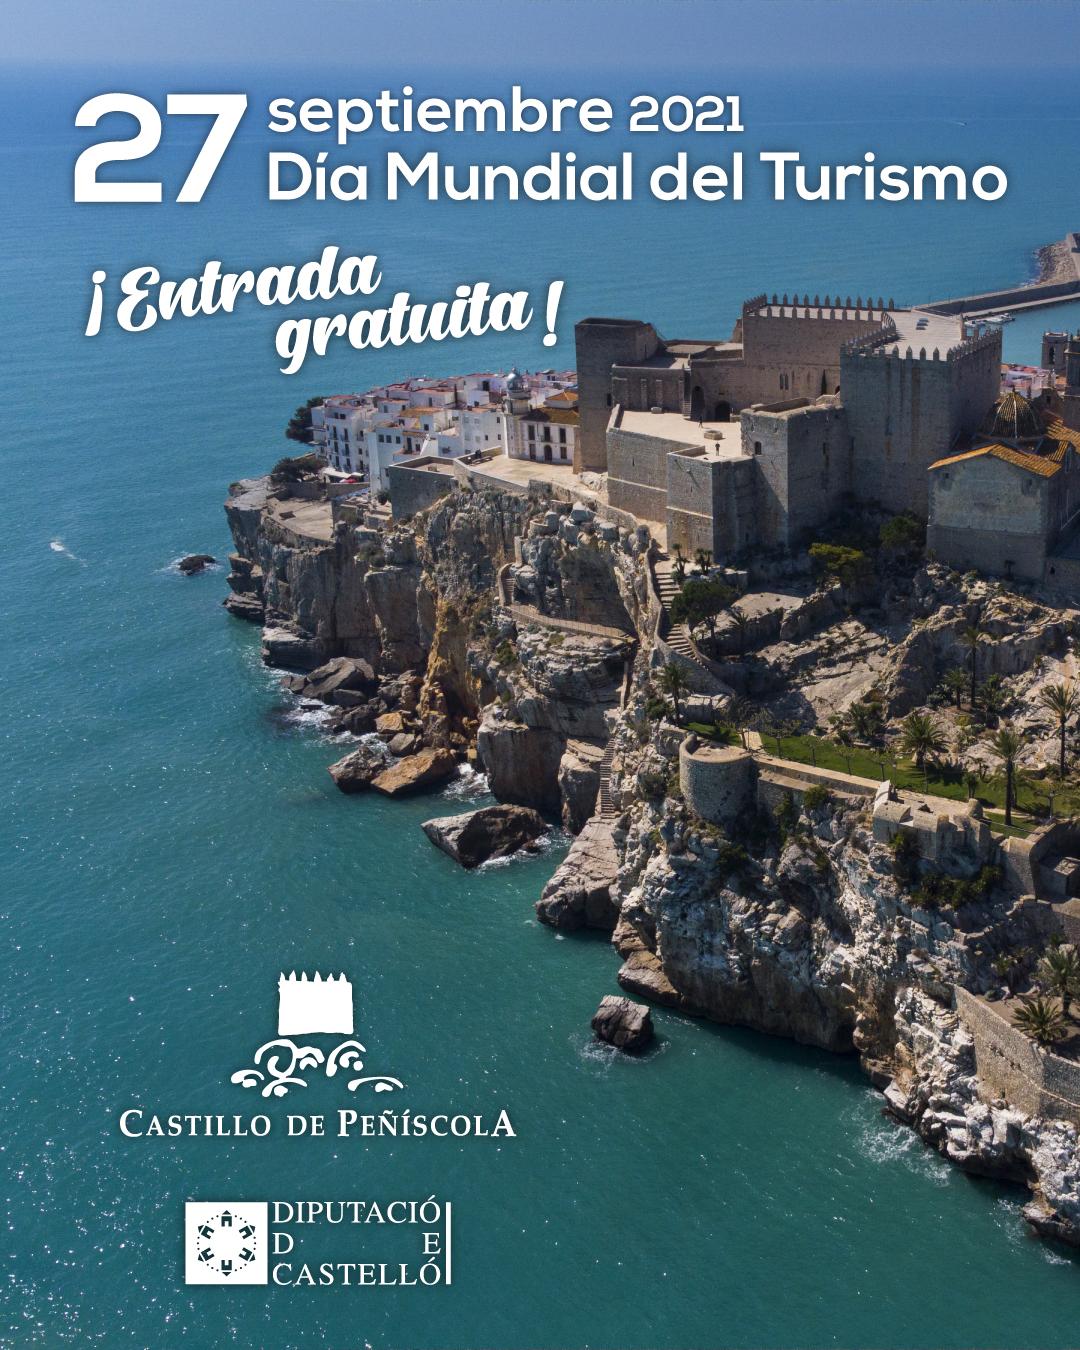 La Diputación abre el lunes las puertas del Castillo de Peñíscola de forma gratuita con motivo del Día del Turismo